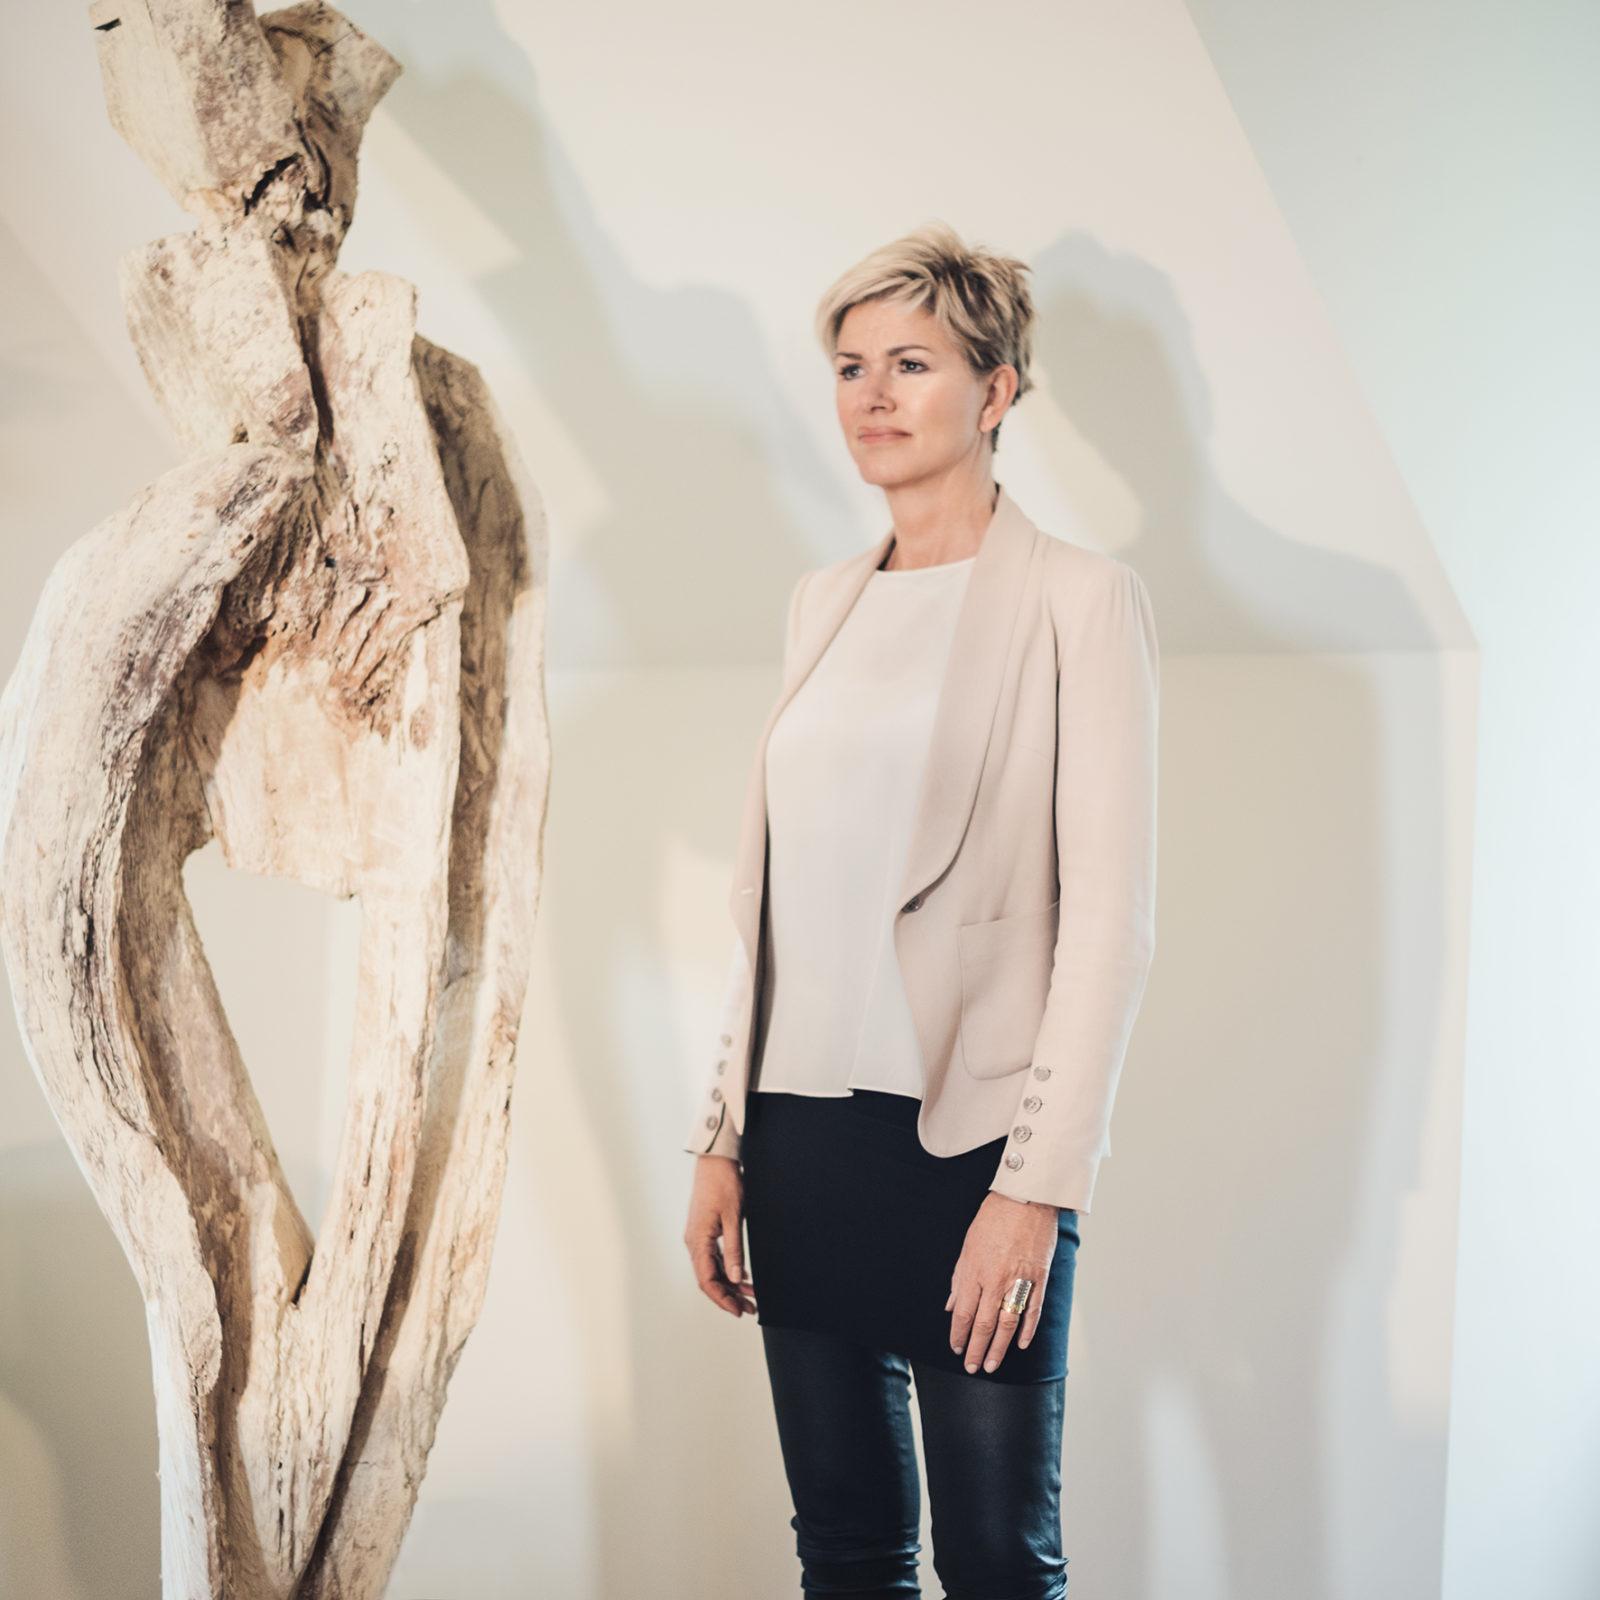 Christine Mussche